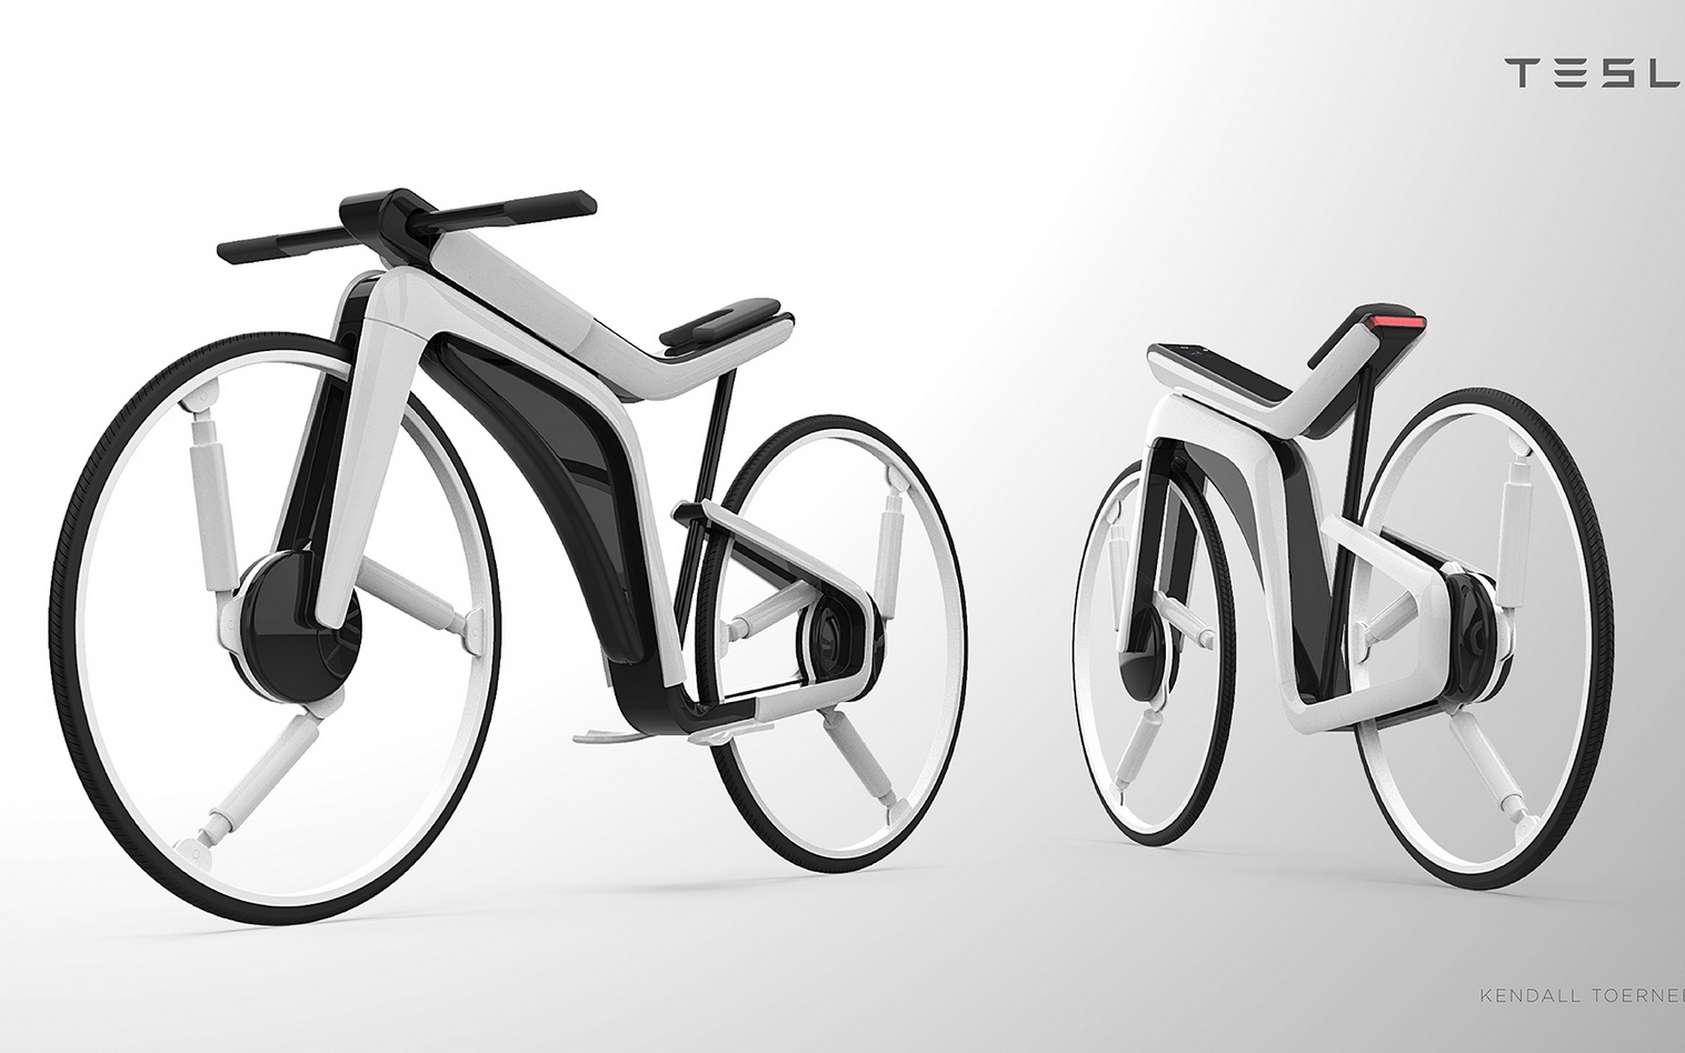 Le vélo électrique Tesla Model B imaginé par Kendall Toerner. © Kendall Toerner